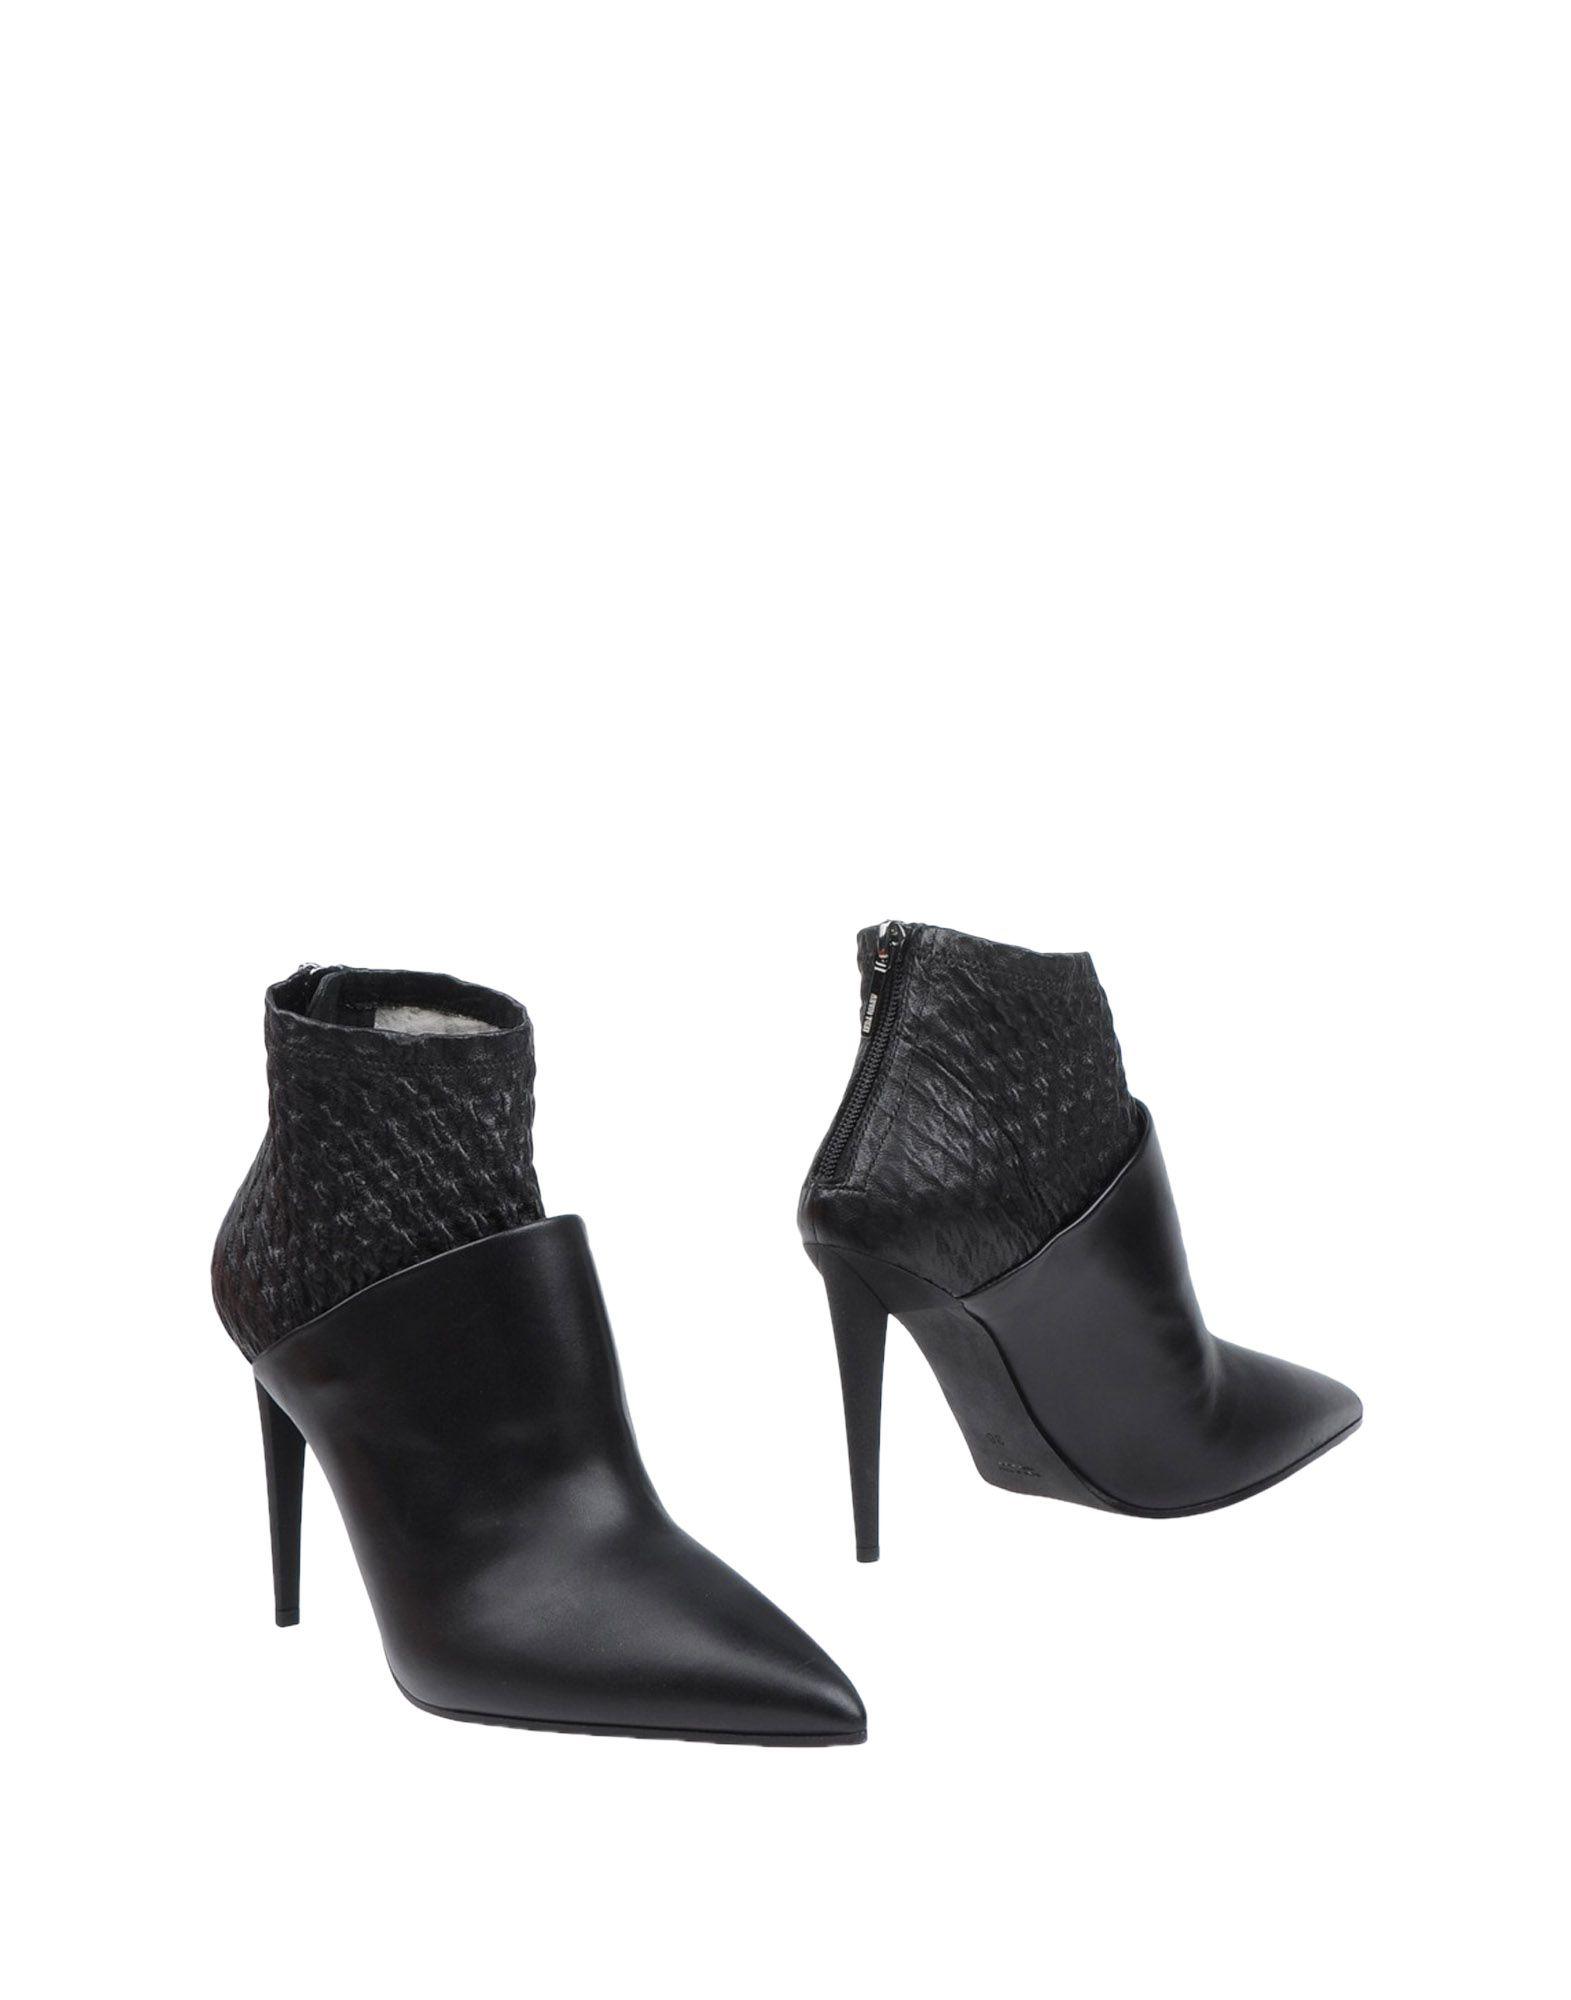 Stilvolle billige Stiefelette Schuhe Shy By Arvid Yuki Stiefelette billige Damen  11324627RQ 7b826c